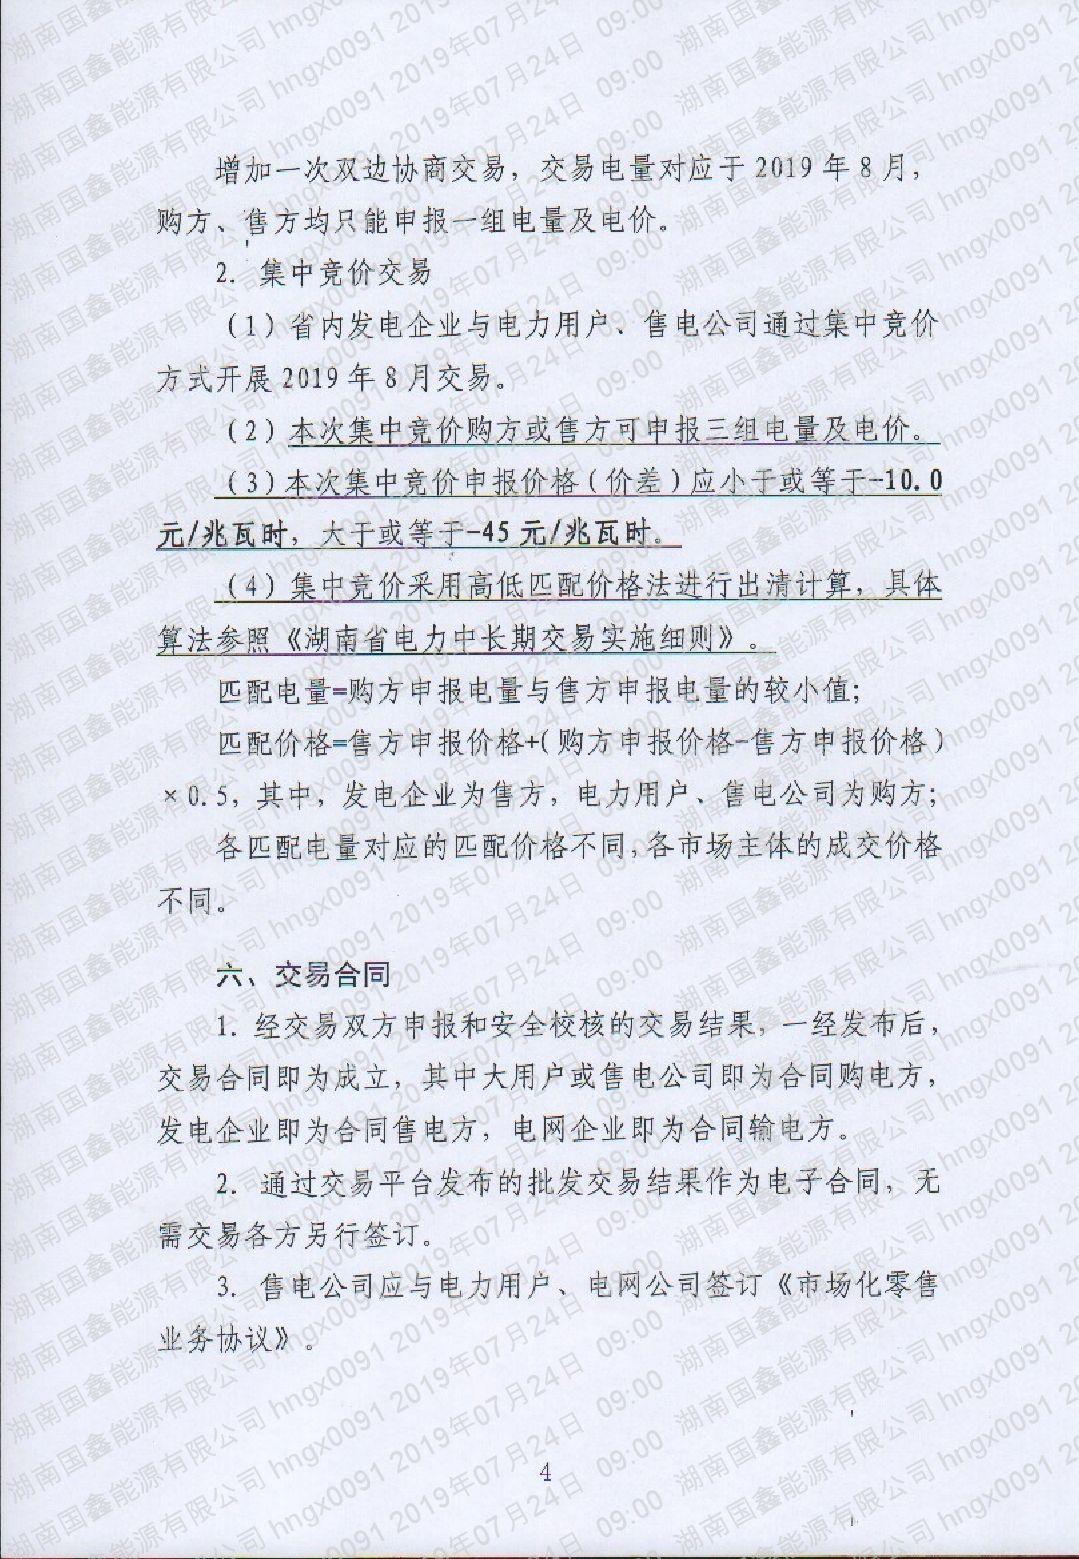 2019年8月湖南電力市場交易的公告(2019年16號).pdf_page_4_compressed.jpg